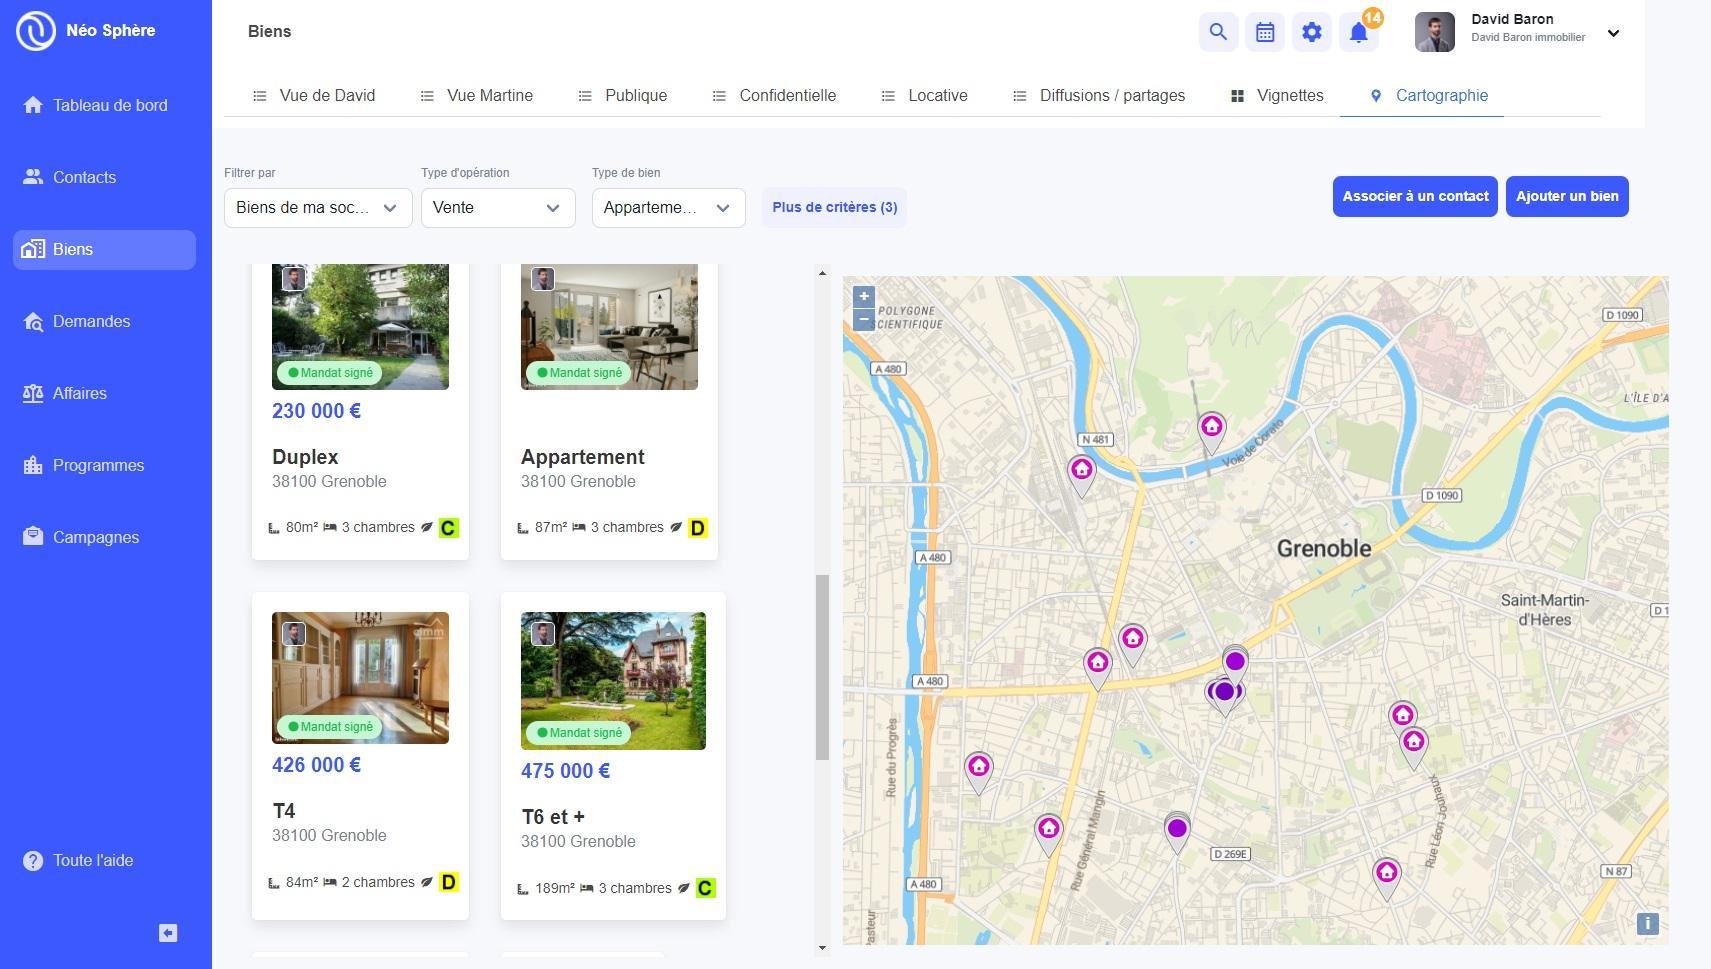 Cartographie des biens correspondant à la recherche